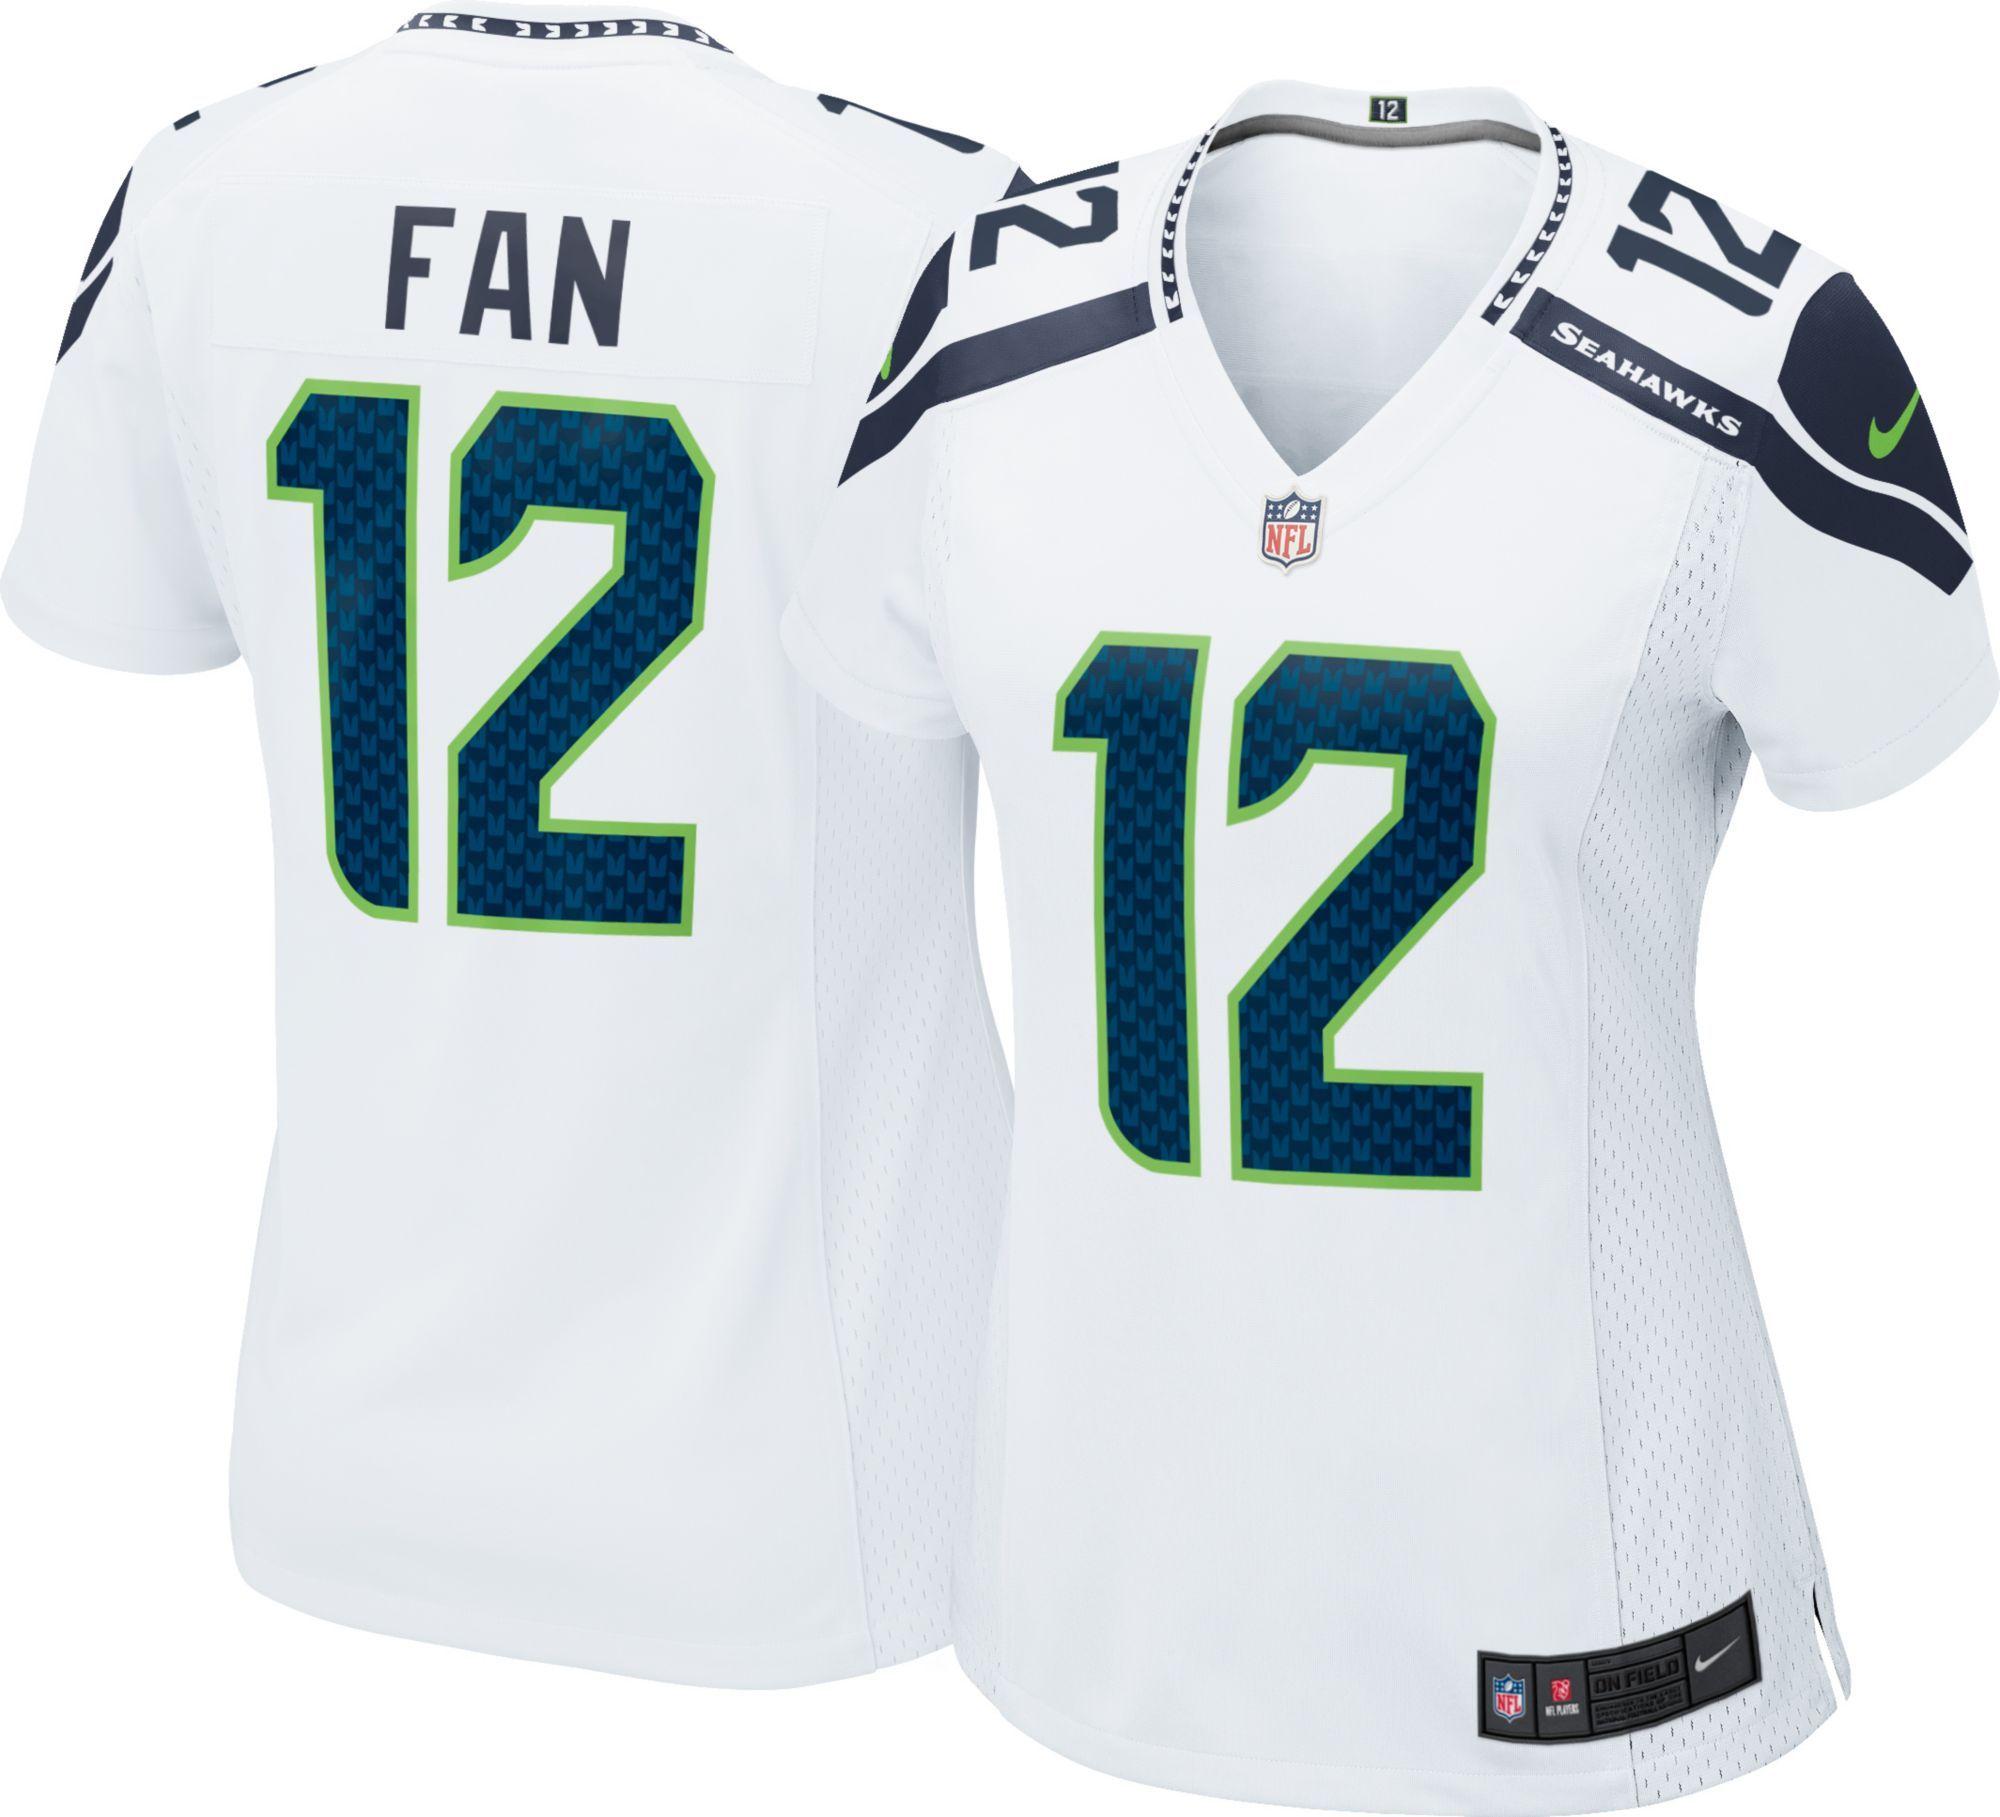 Nike Women S Away Game Jersey Seattle Fan 12 Size Medium Team Jersey Seahawks